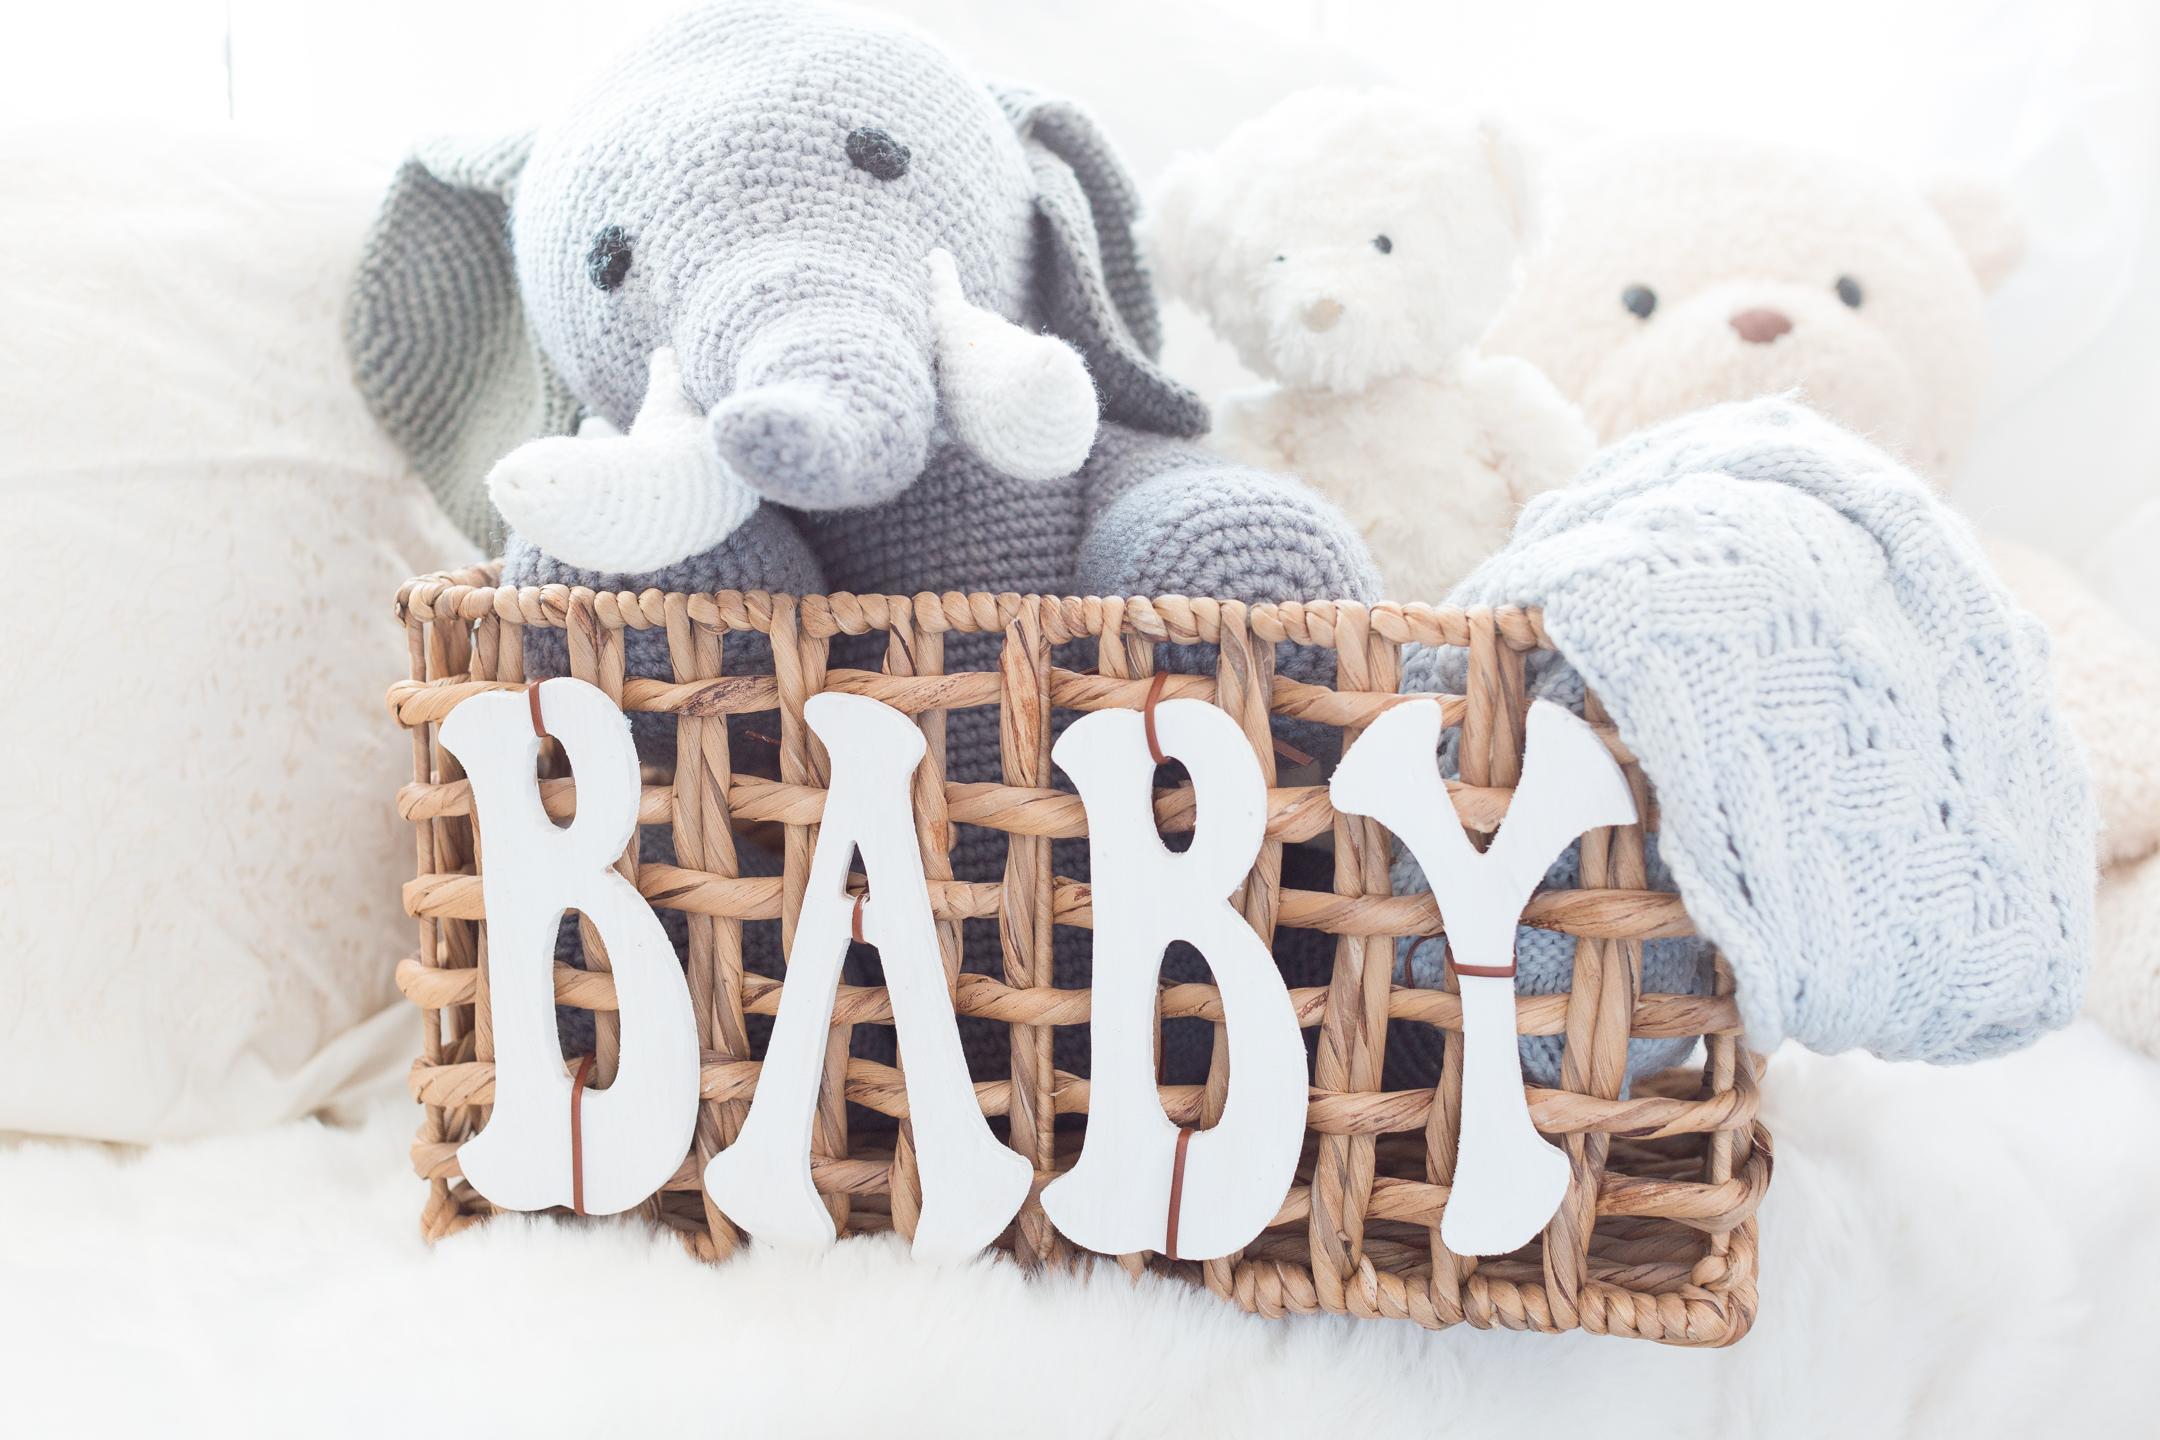 babyroomstoragebasketcraftberrybush-6